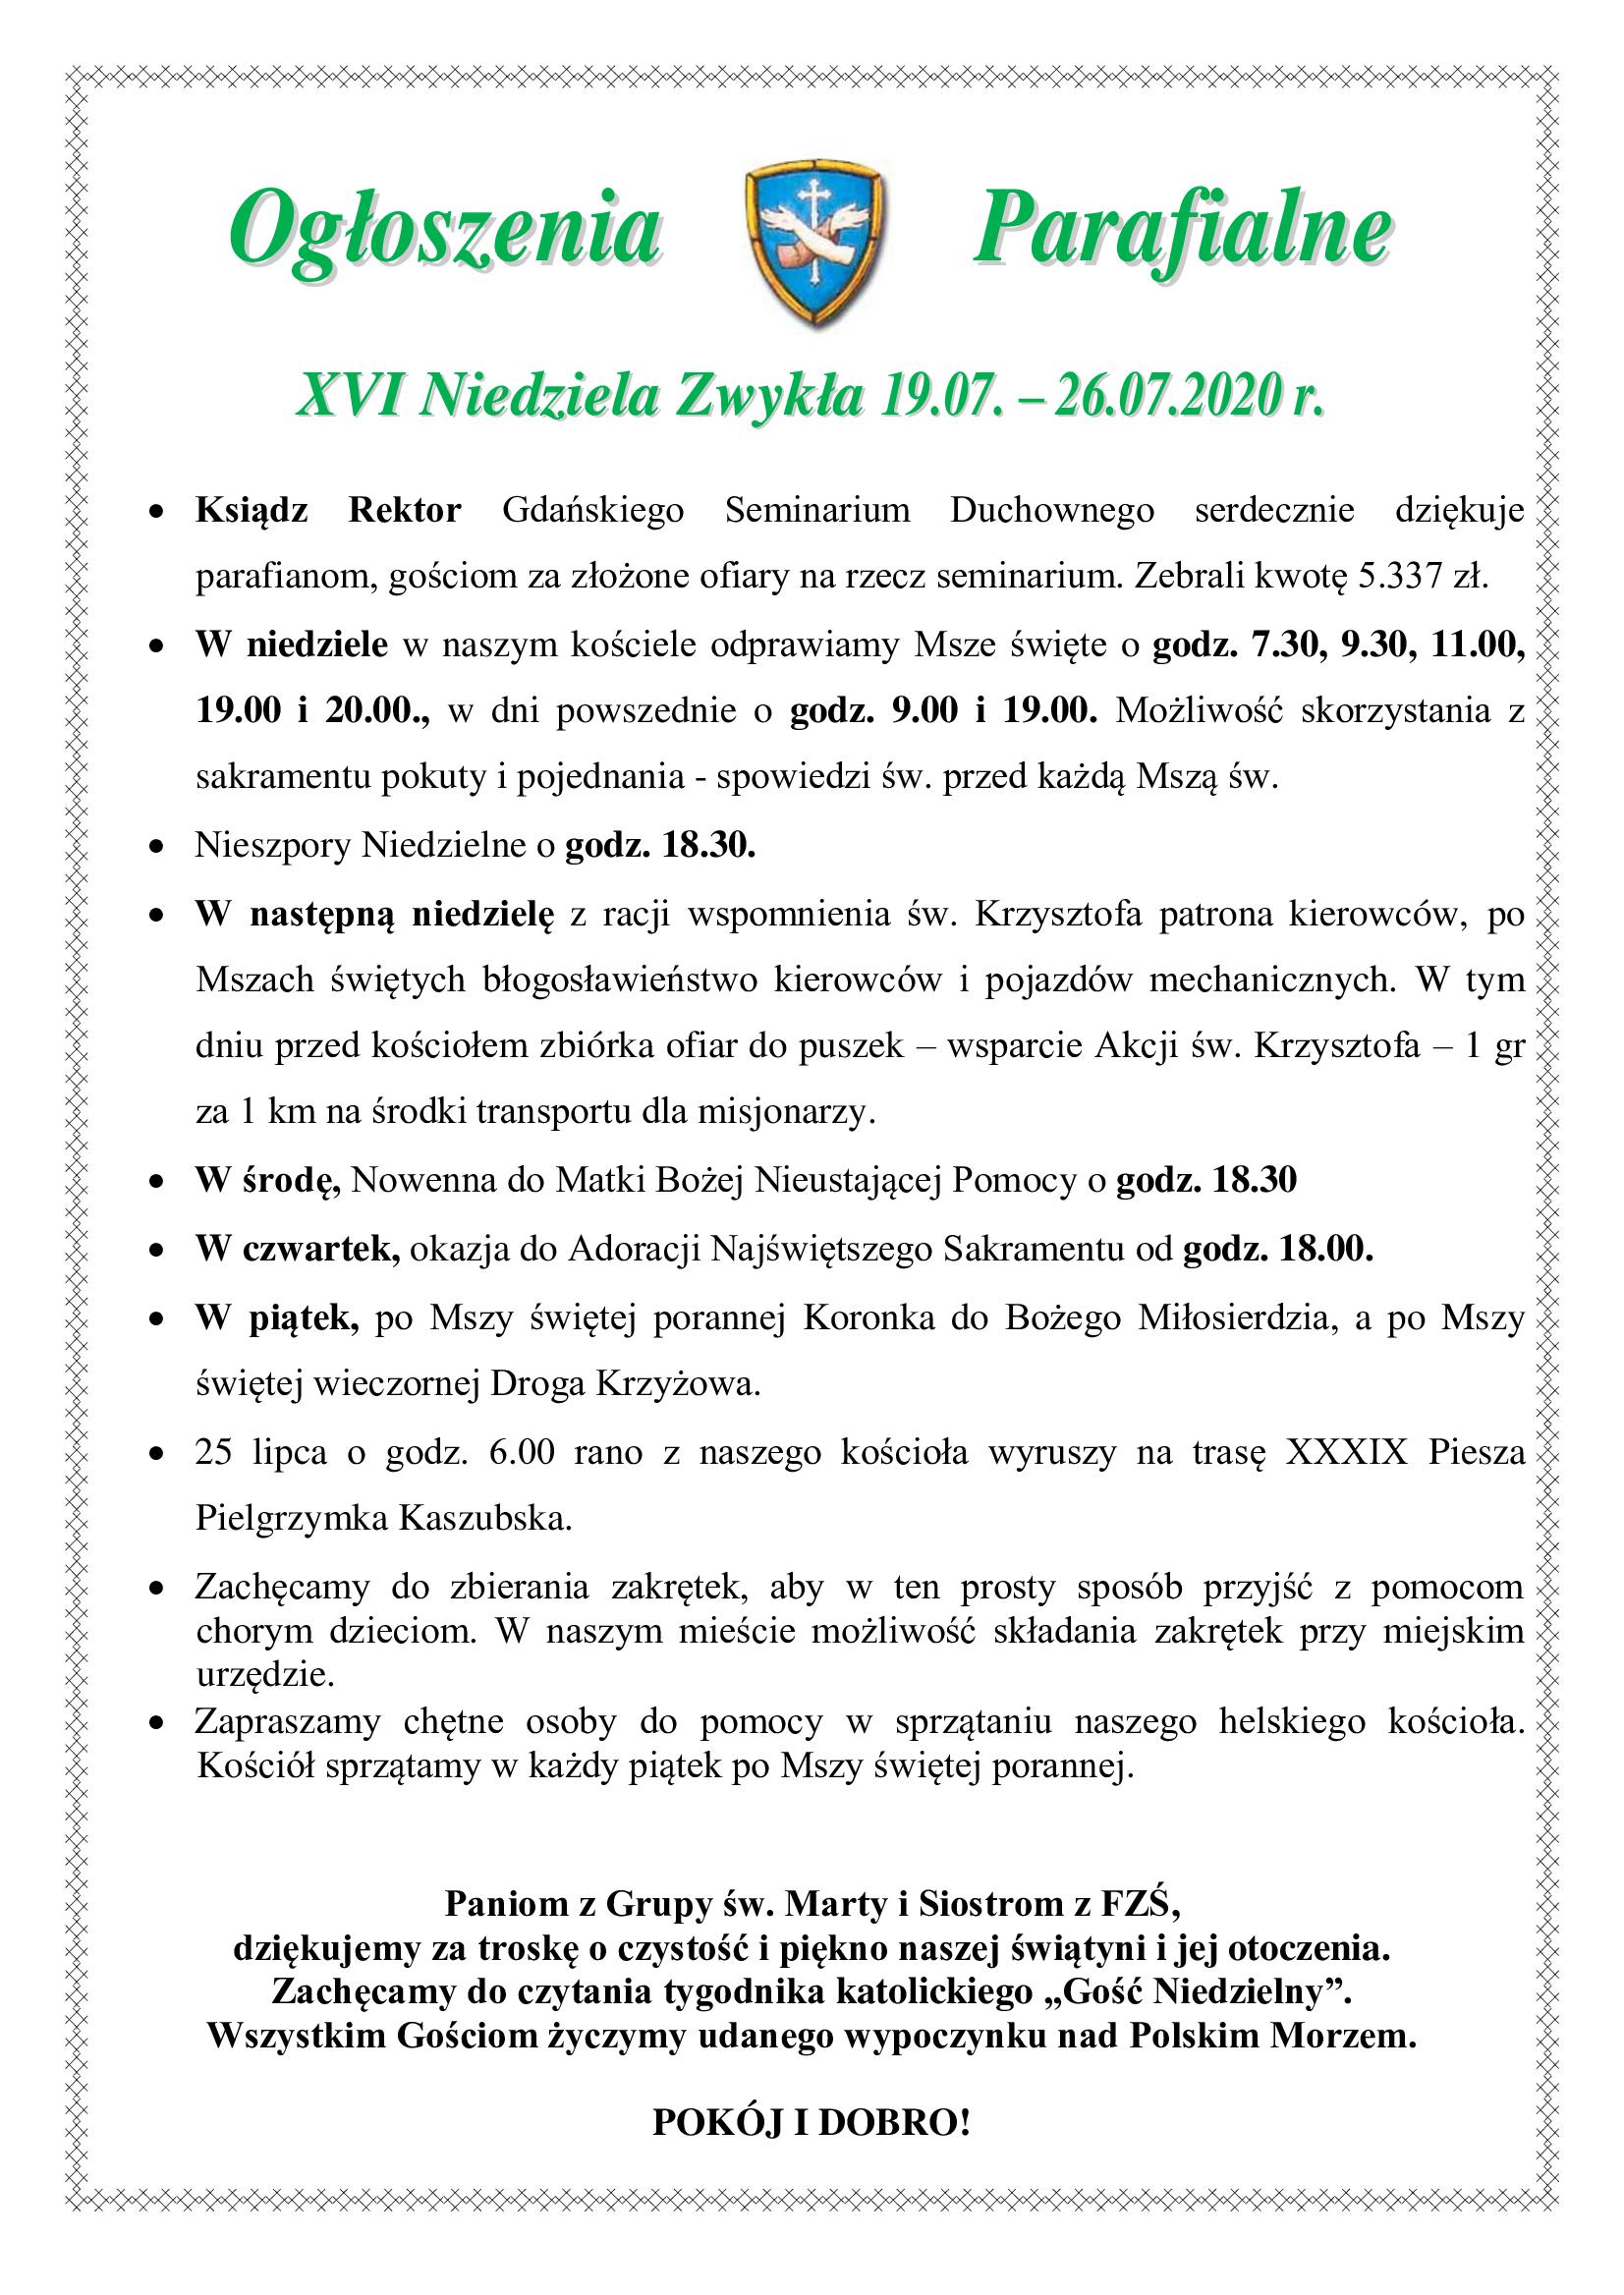 xvi-niedziela-zwykla-19-07-26-07-2020-r